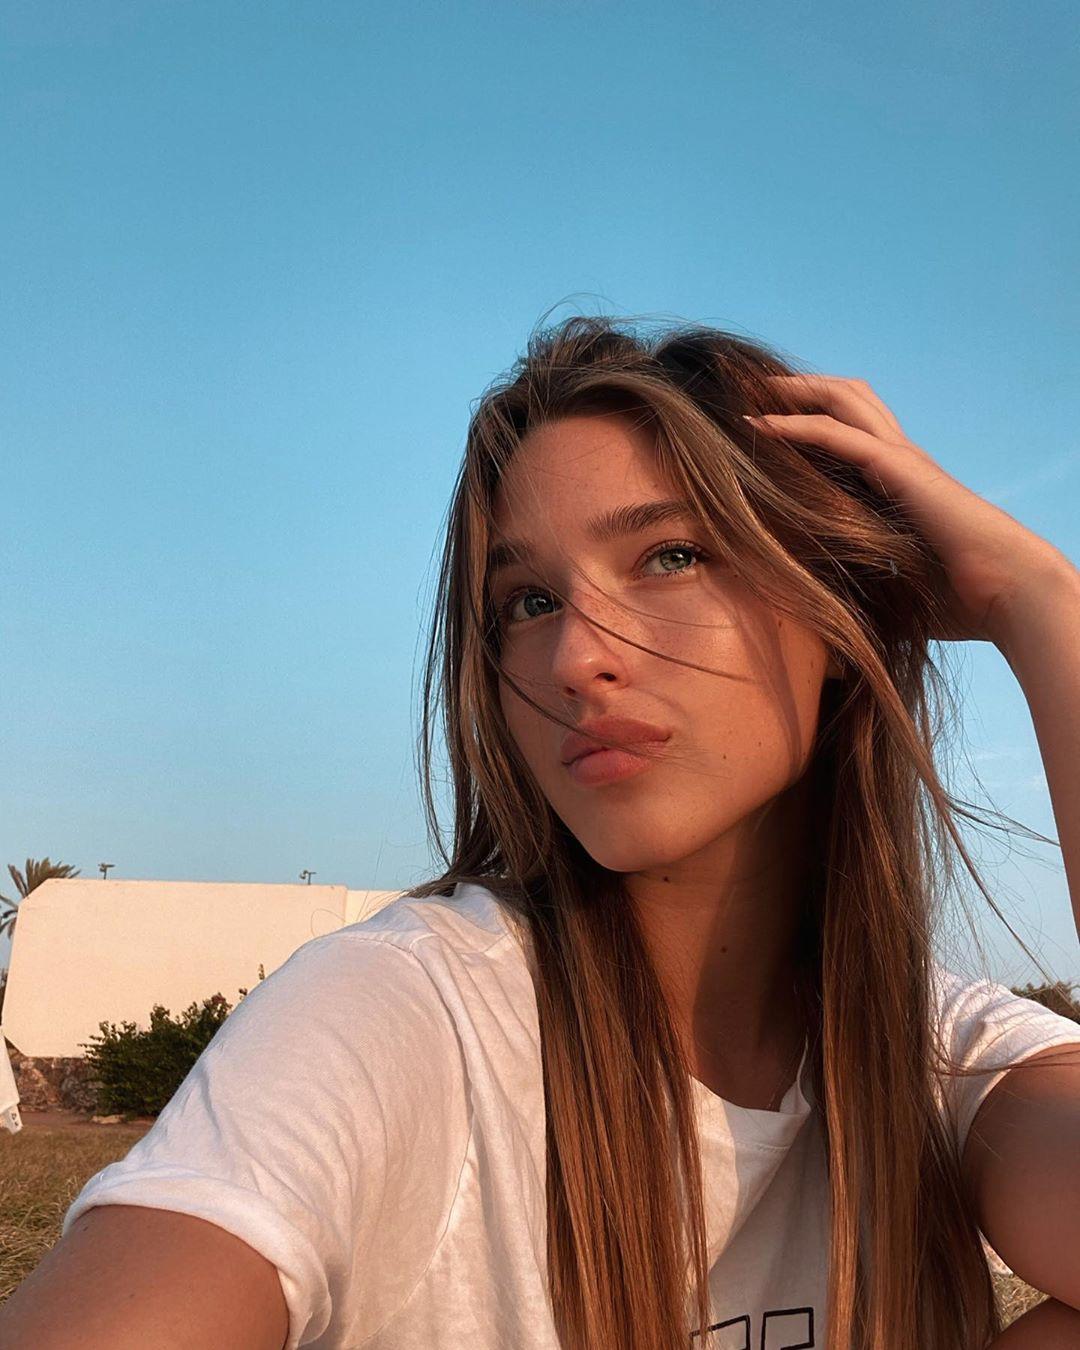 Tanya-Lauren-Wallpapers-Insta-Fit-Bio-10